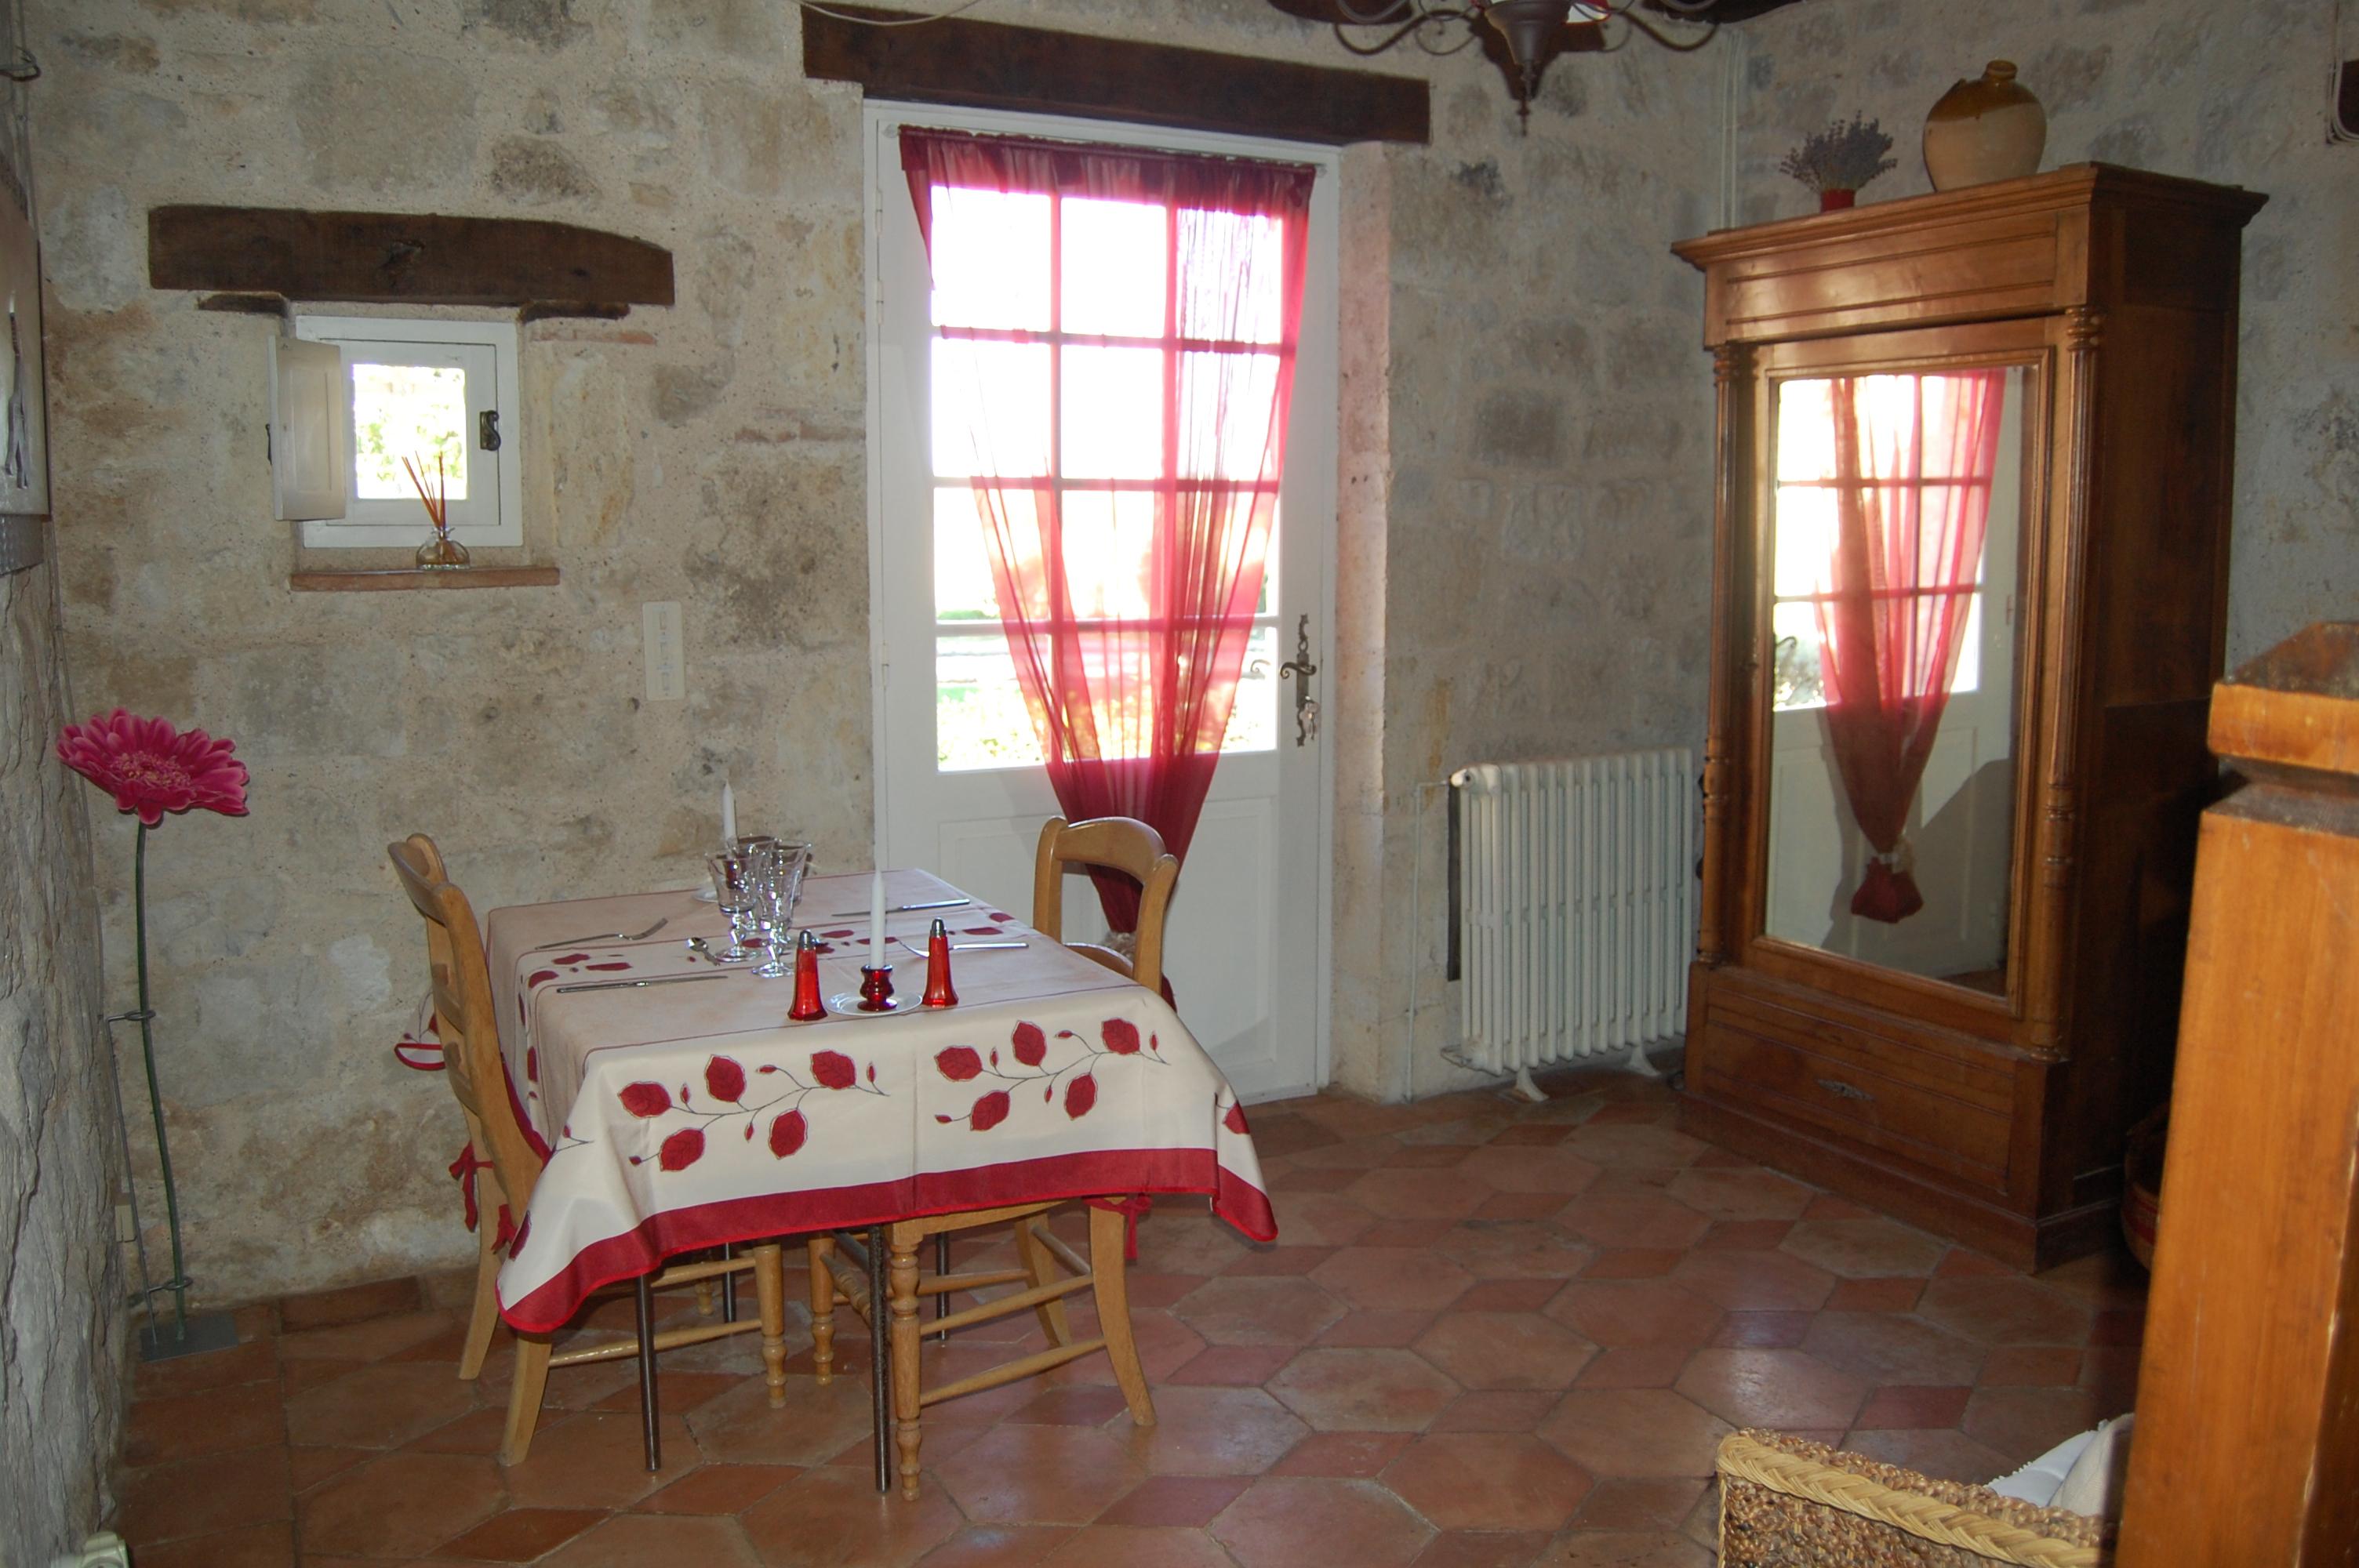 chambre d'hôte avec cheminée- chambre d'hôte romantique- week end en amoureux